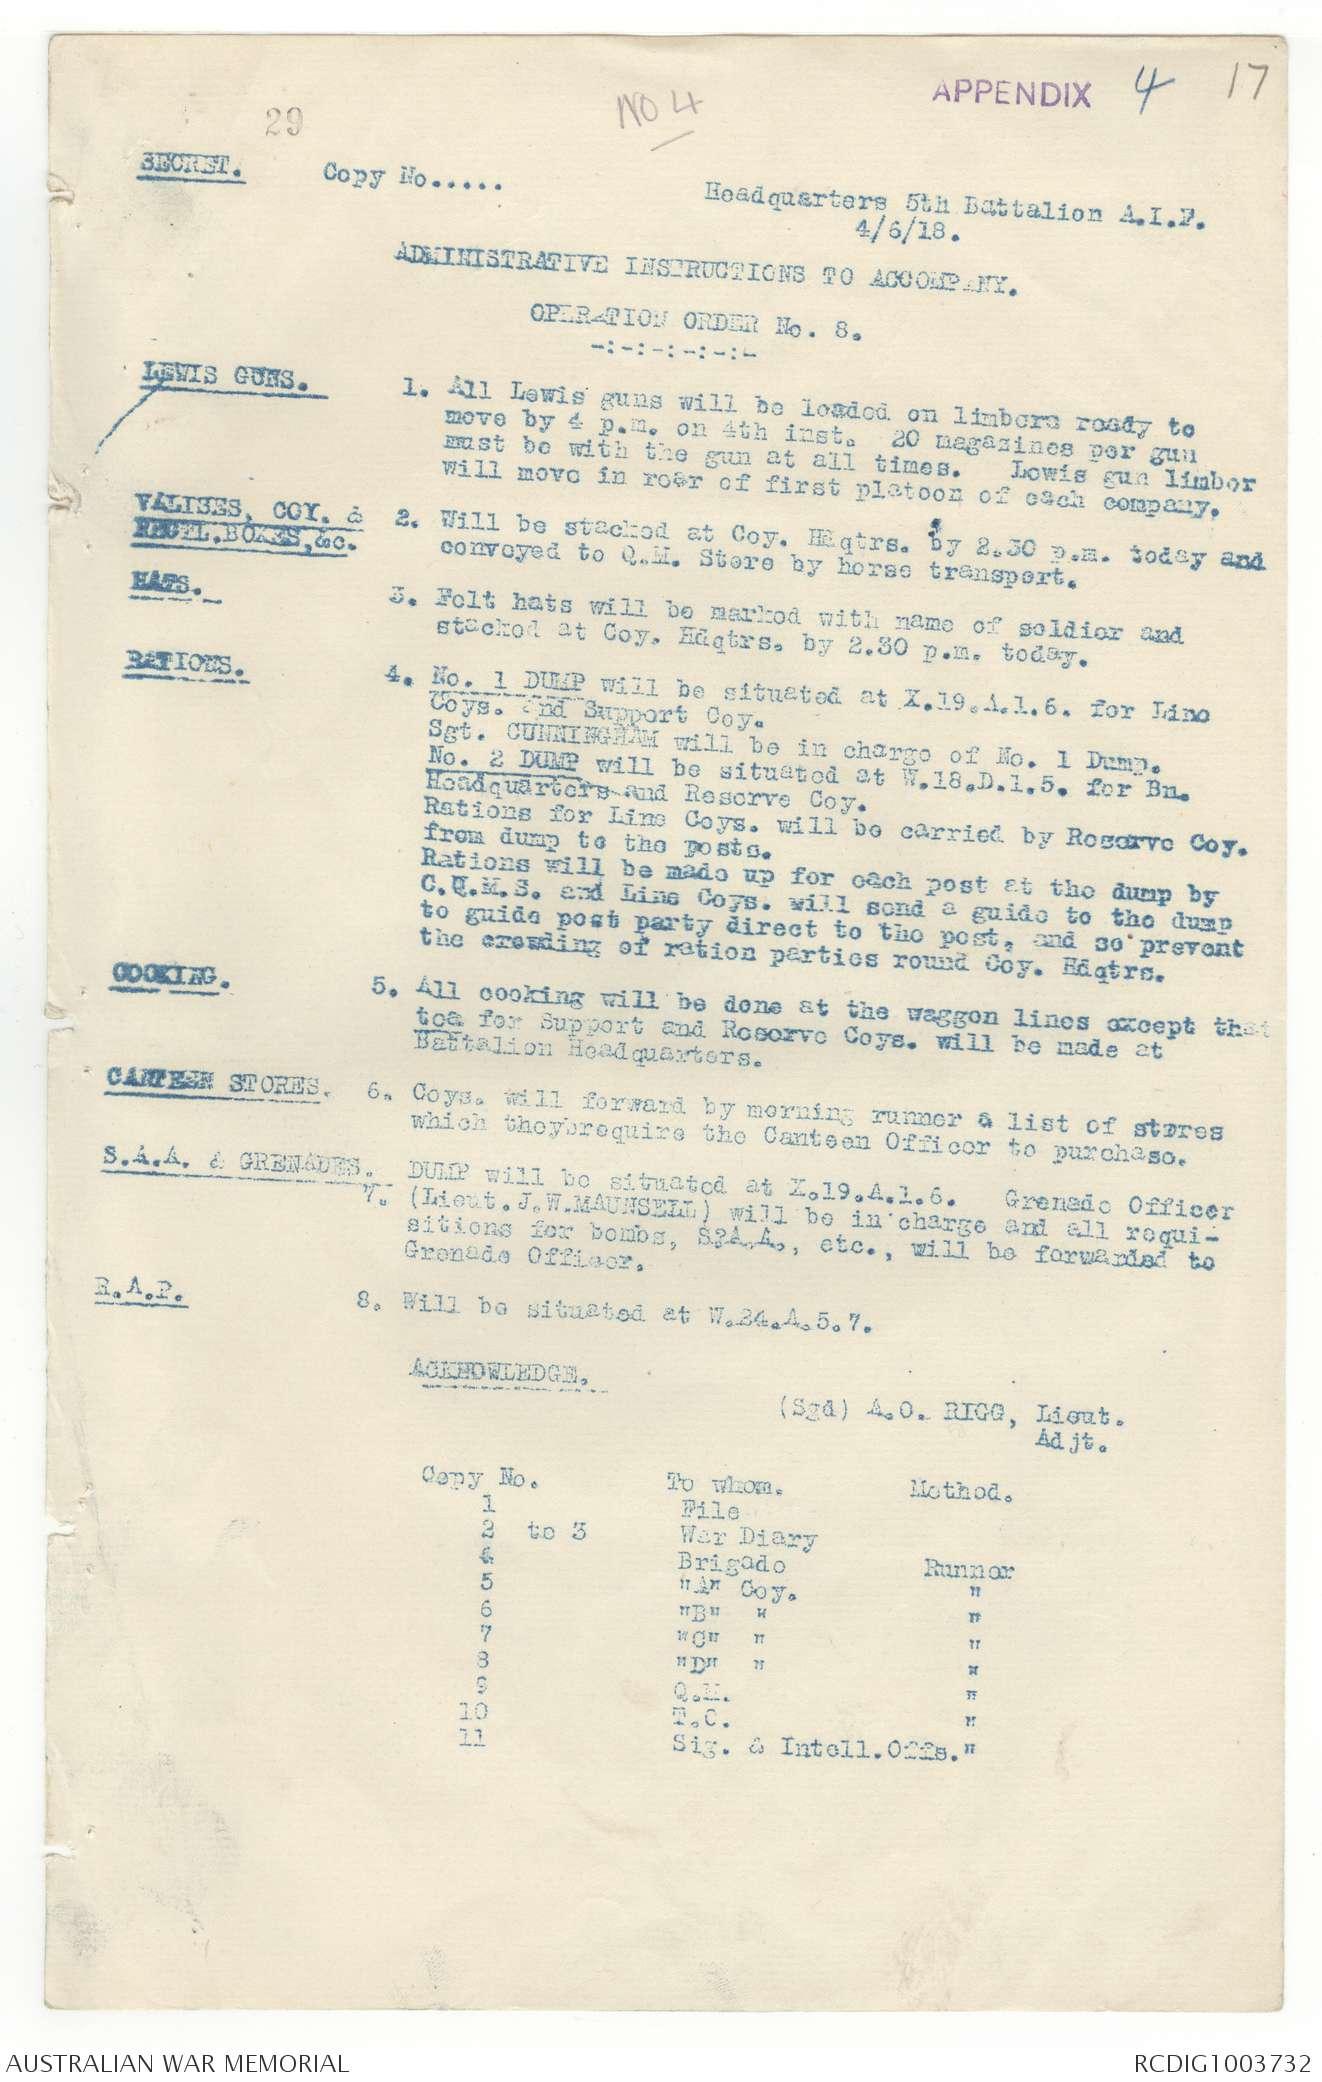 AWM4 23/22/40 - June 1918   The Australian War Memorial